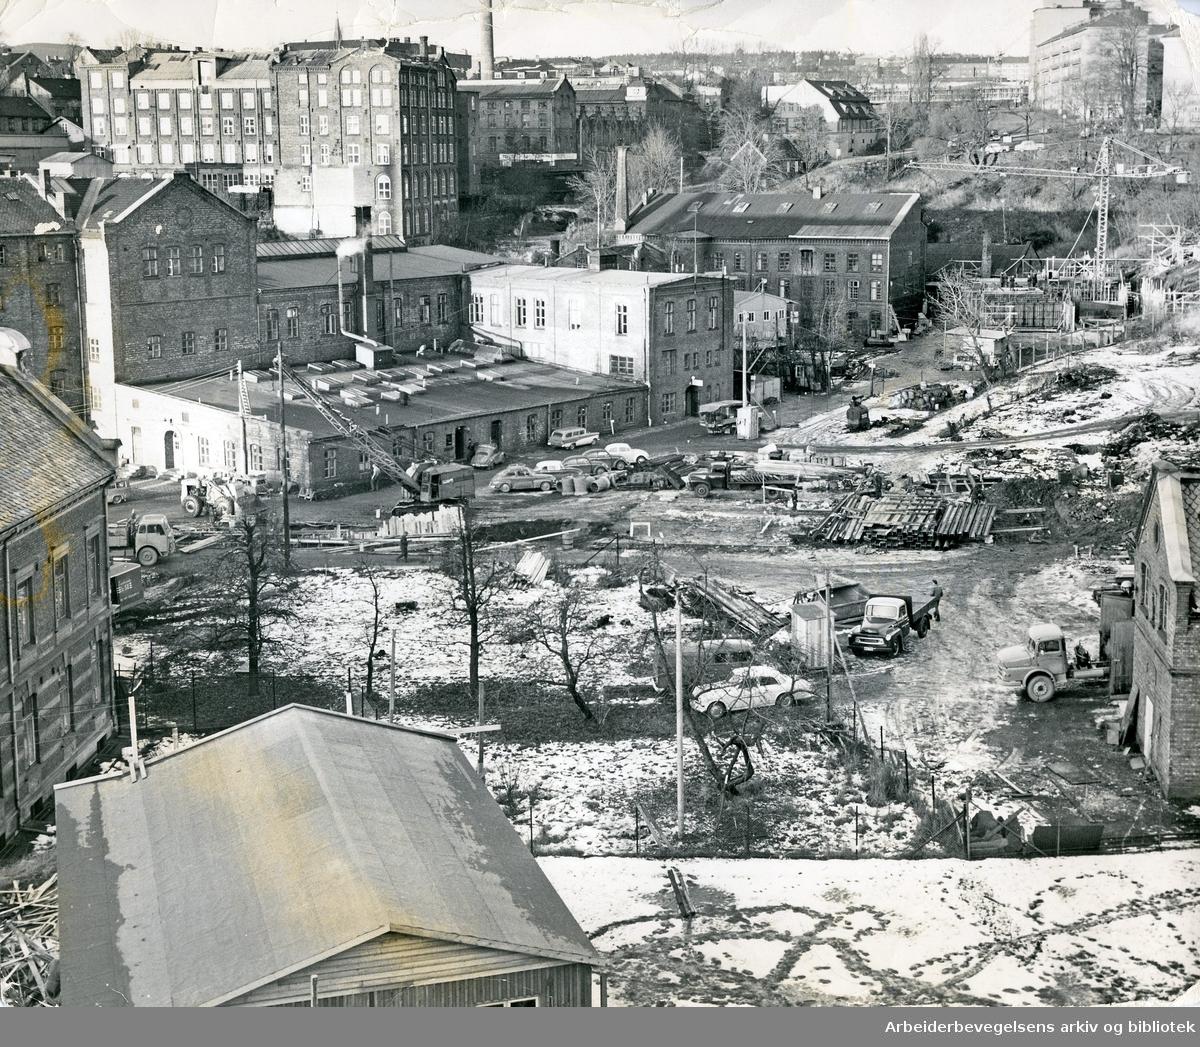 Det gamle industriområdet nedenfor Beierbroa mellom Sagveien og Sandakerveien. Bortsett fra Hønse-Lovisas hus er all synlig bebygning på bildet som ligger øst for Akerselven i ettertid revet. Øverst i bildet sees bygningene til Hjula veveri og Graahs spinneri, november 1964